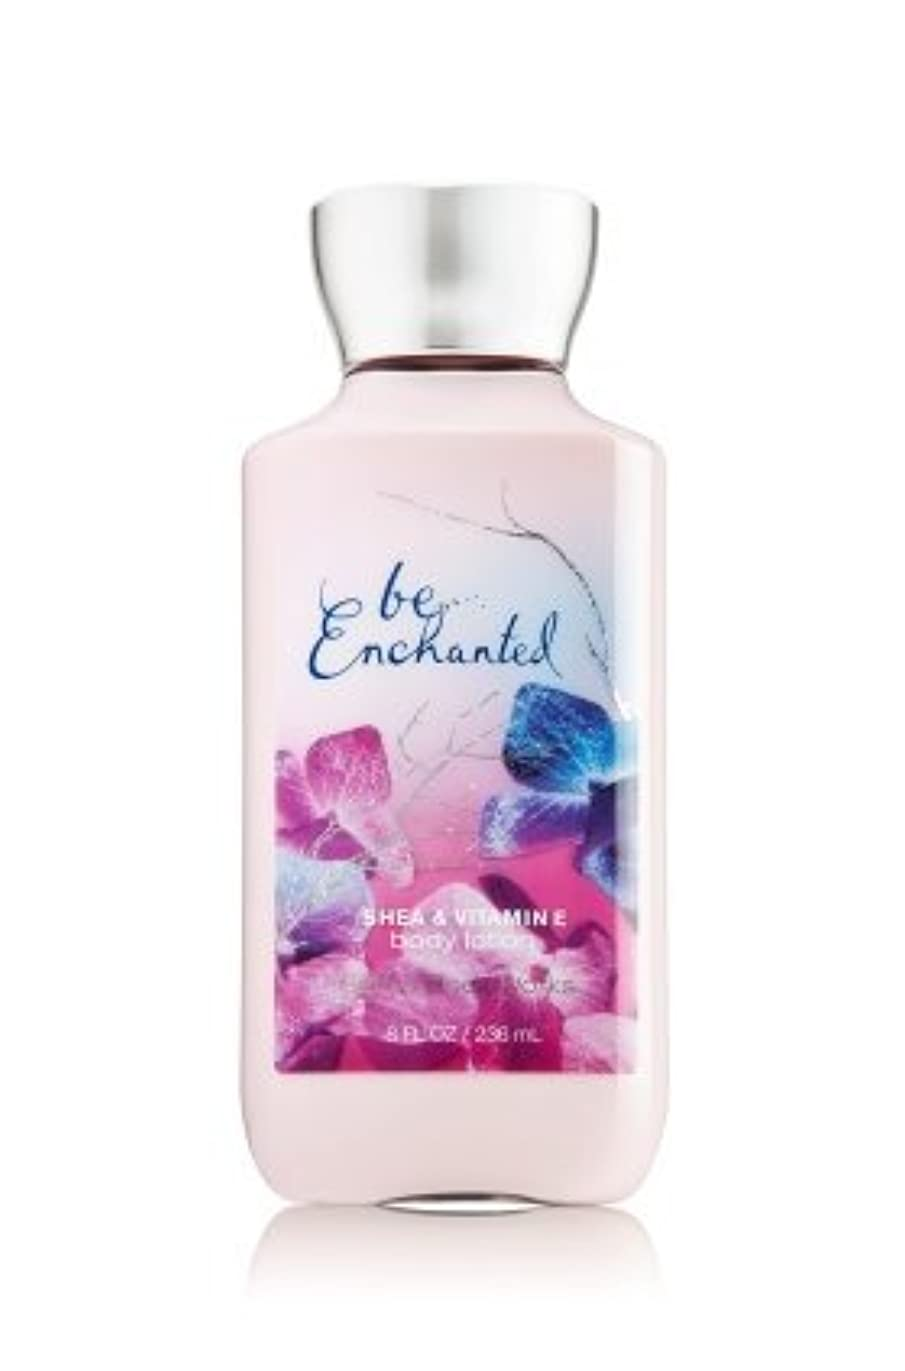 スペード忘れっぽいトラブル【Bath&Body Works/バス&ボディワークス】 ボディローション ビーエンチャンテッド Body Lotion Be Enchanted 8 fl oz / 236 mL [並行輸入品]